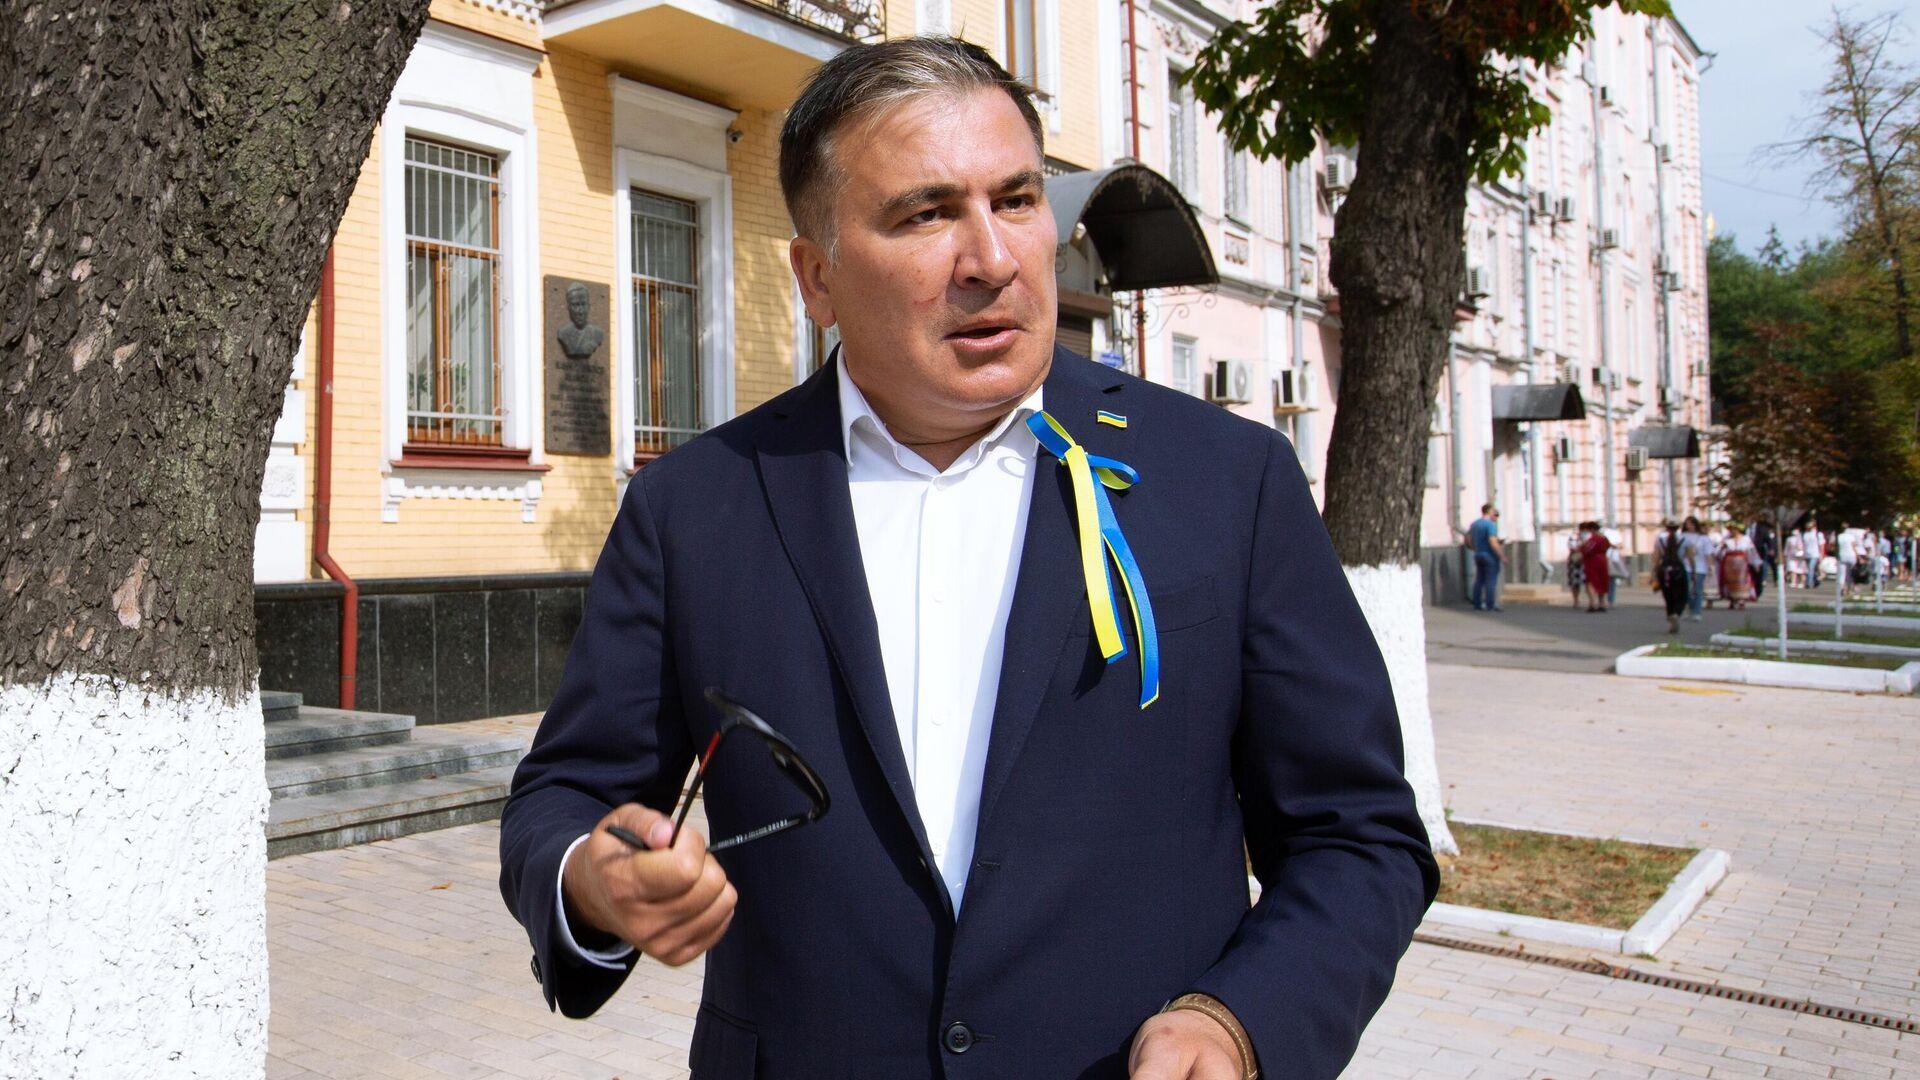 Бивши председник Грузије Михаил Сакашвили - Sputnik Србија, 1920, 03.10.2021